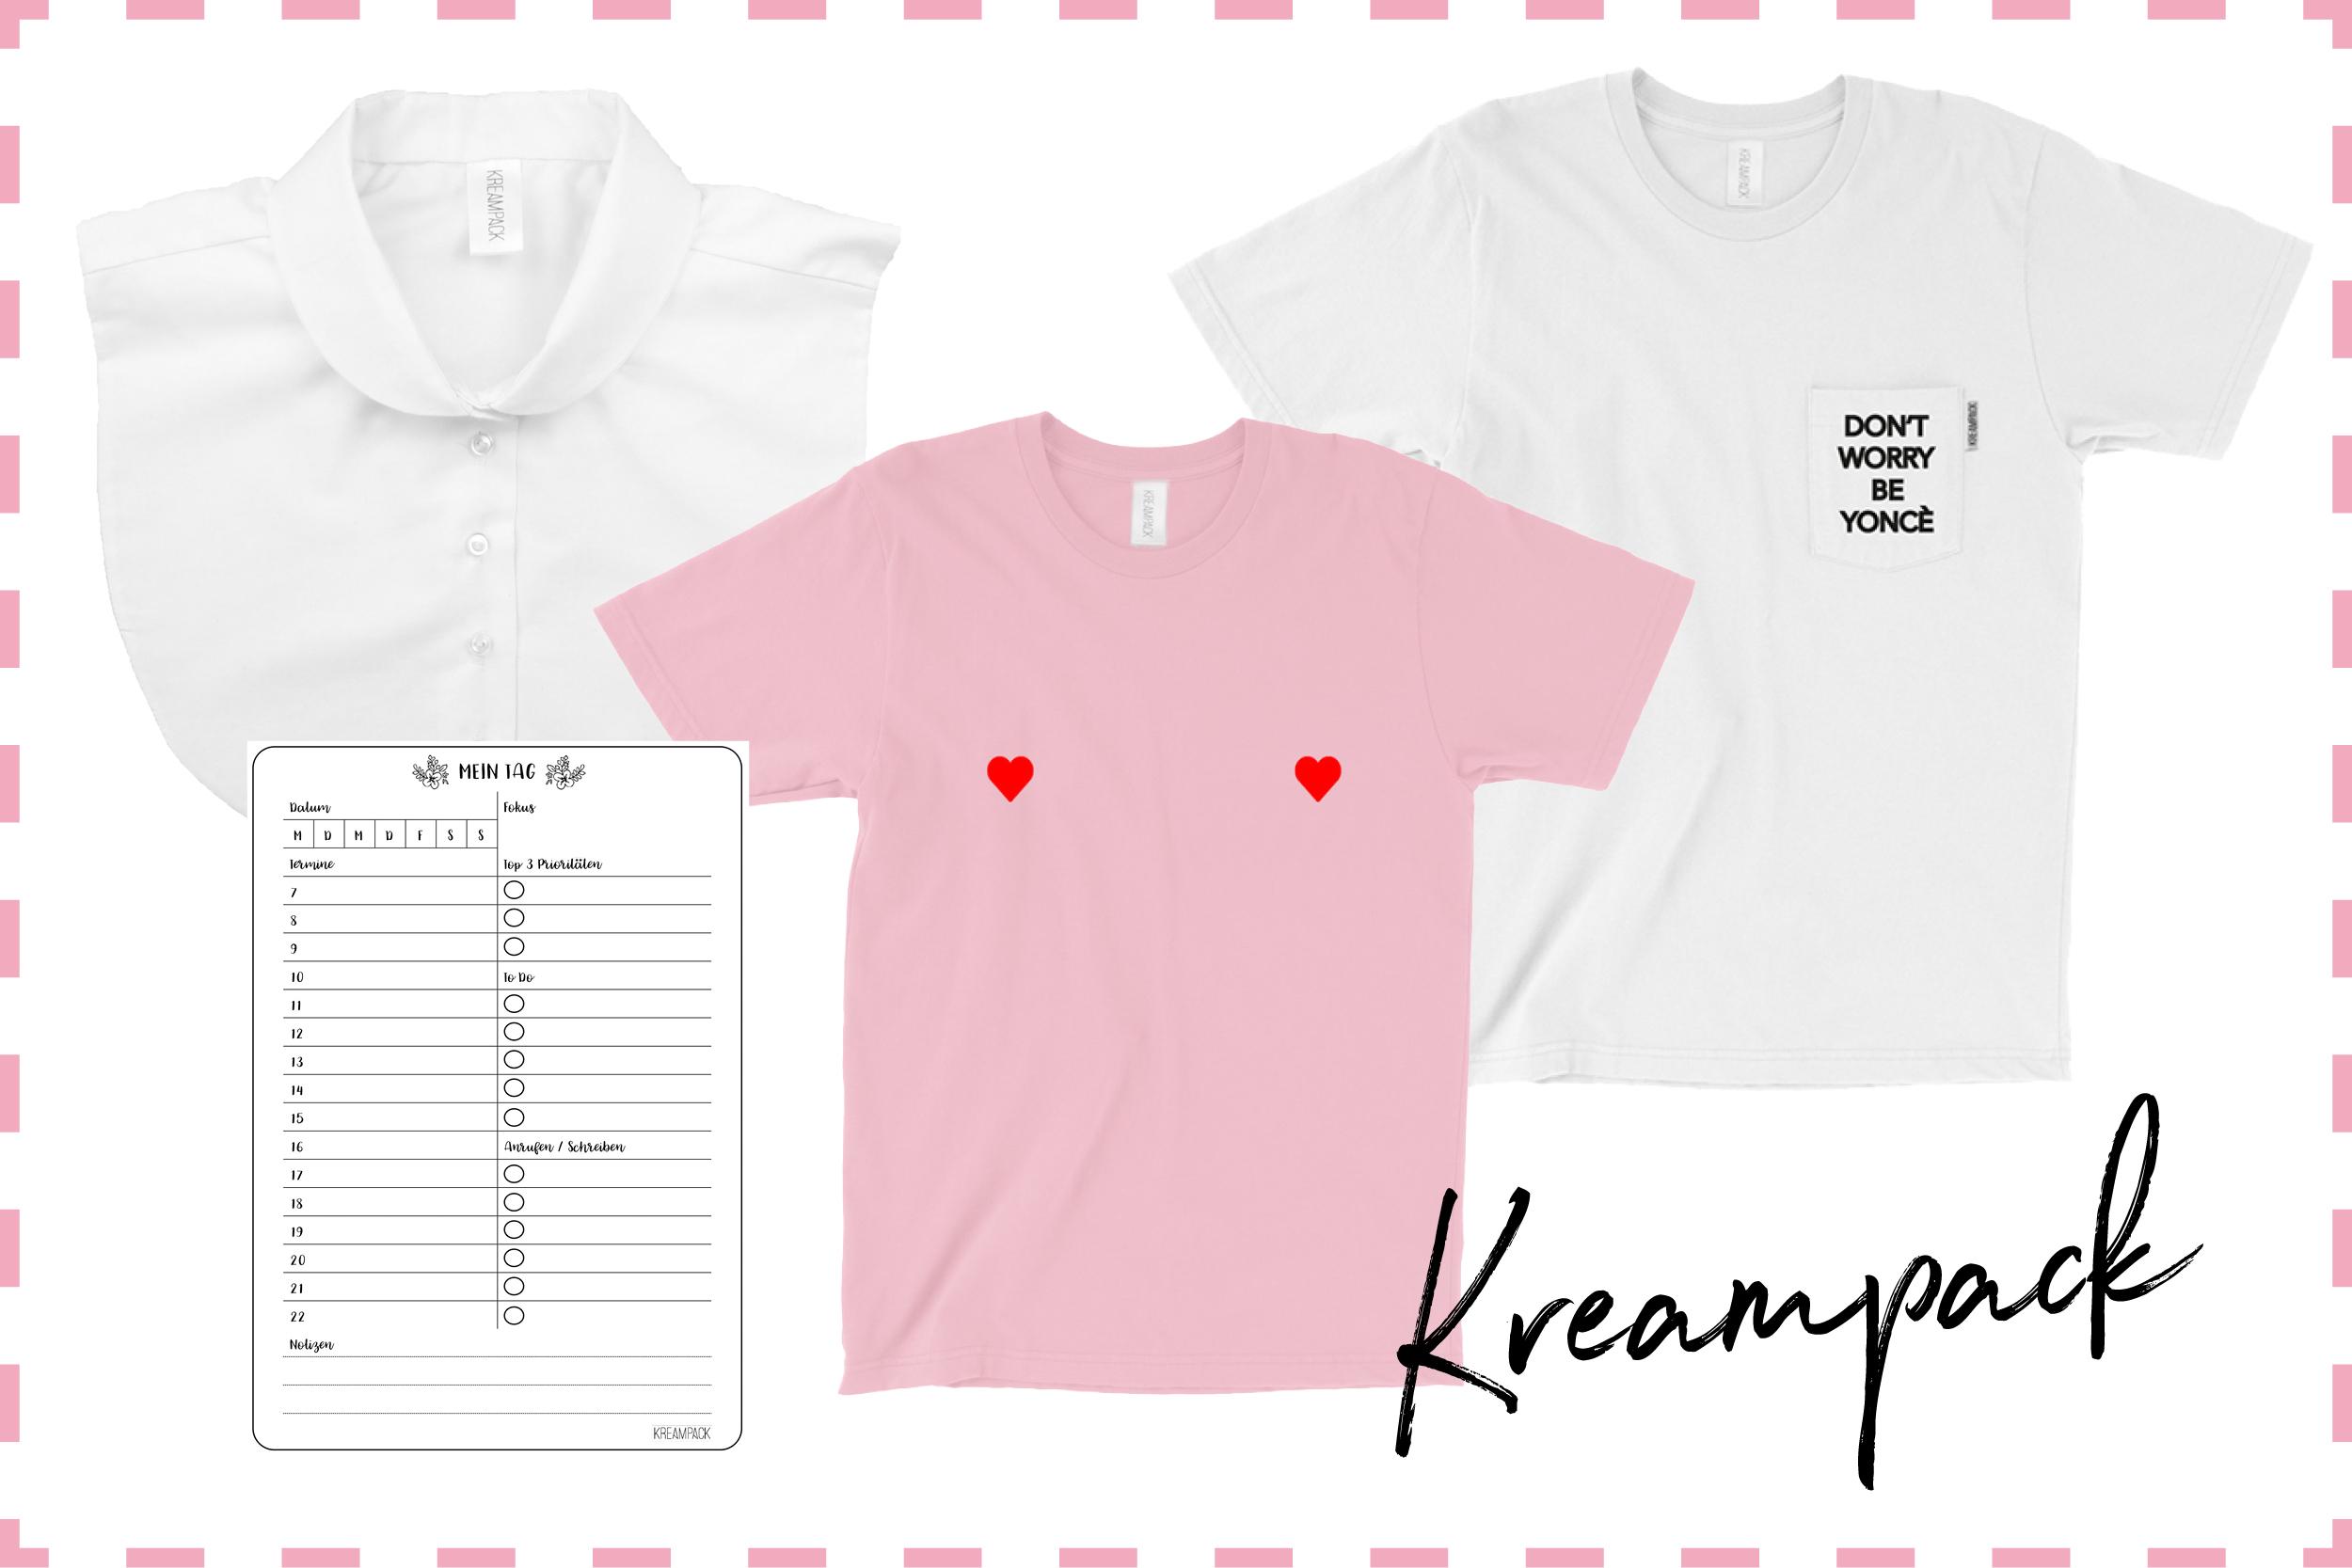 Kreampack